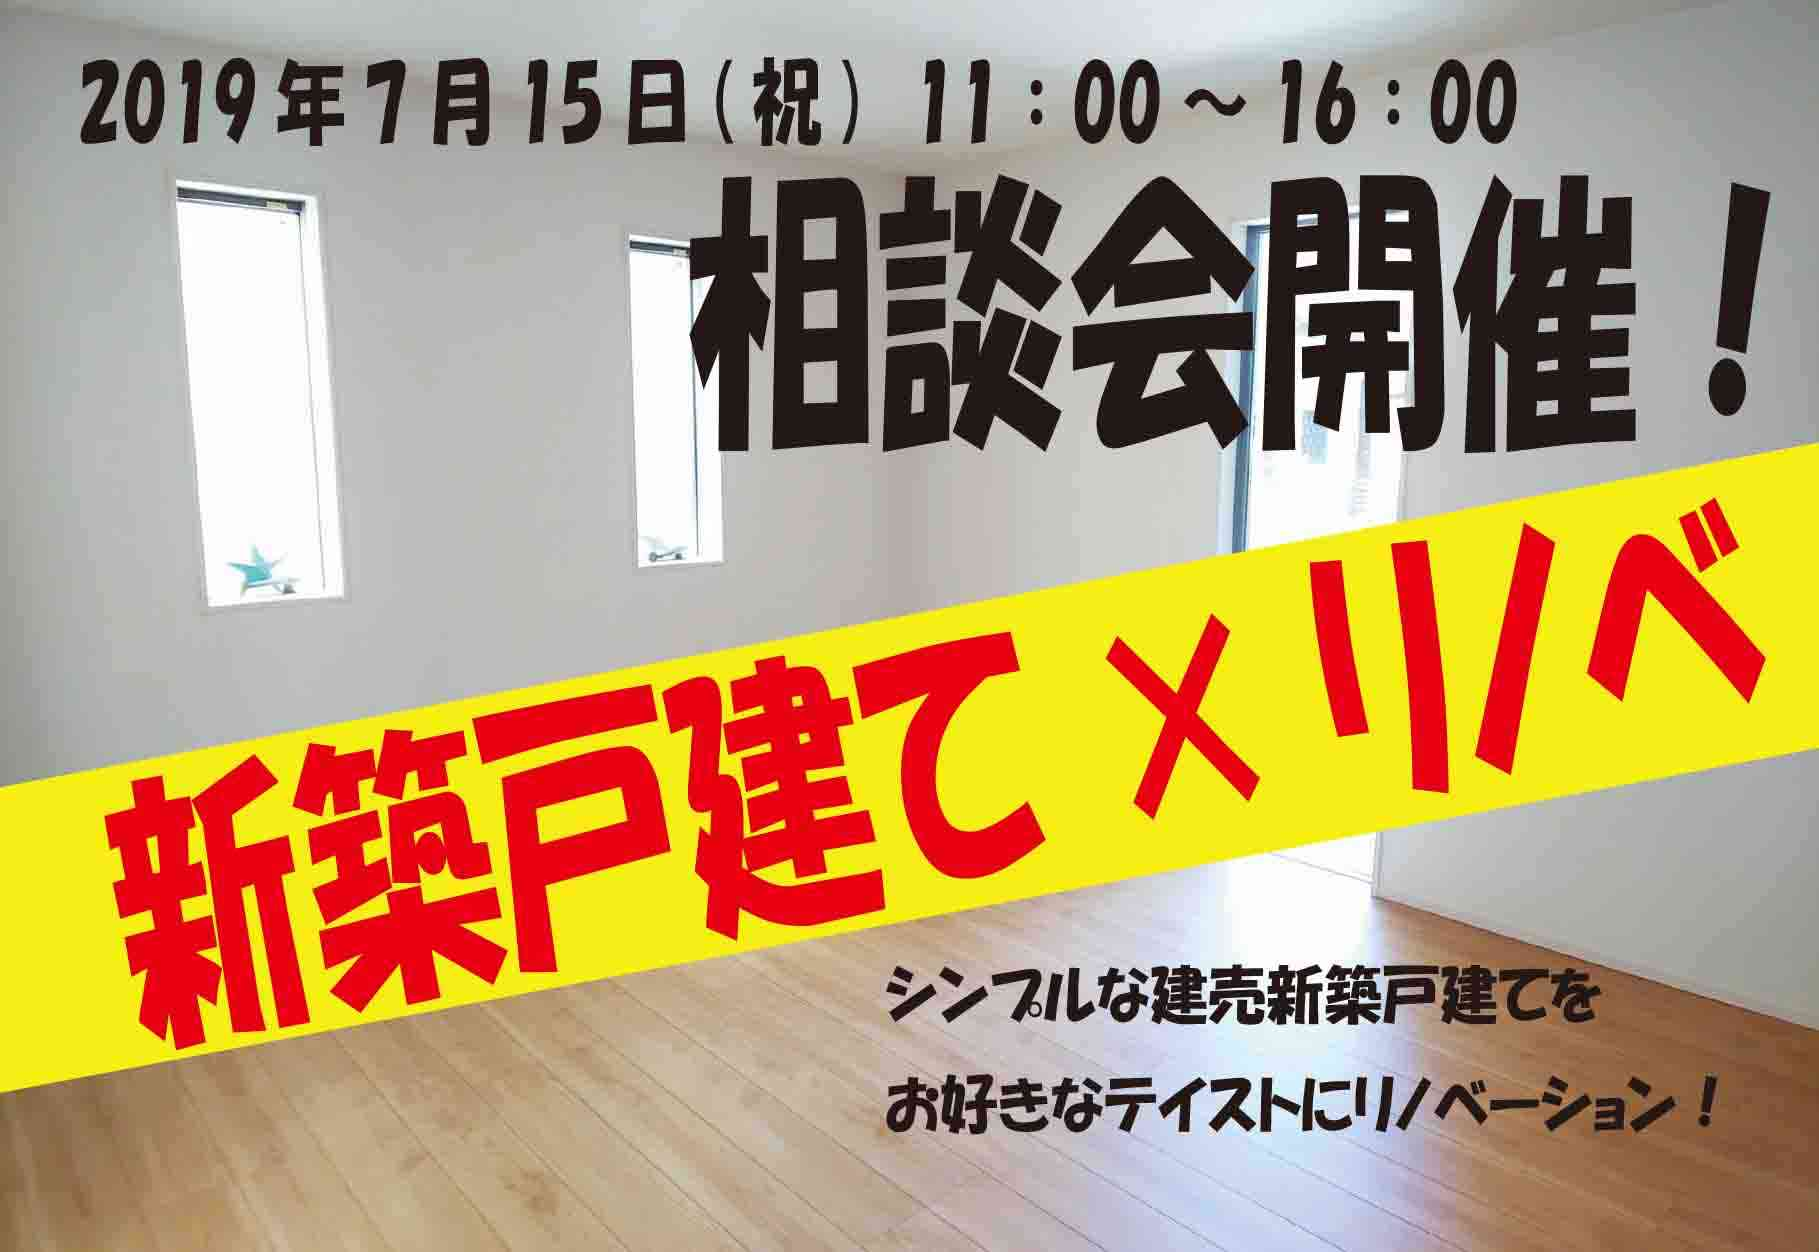 【開催地:新宿区】斬新!?いま流行ってます新築戸建て+リノベ